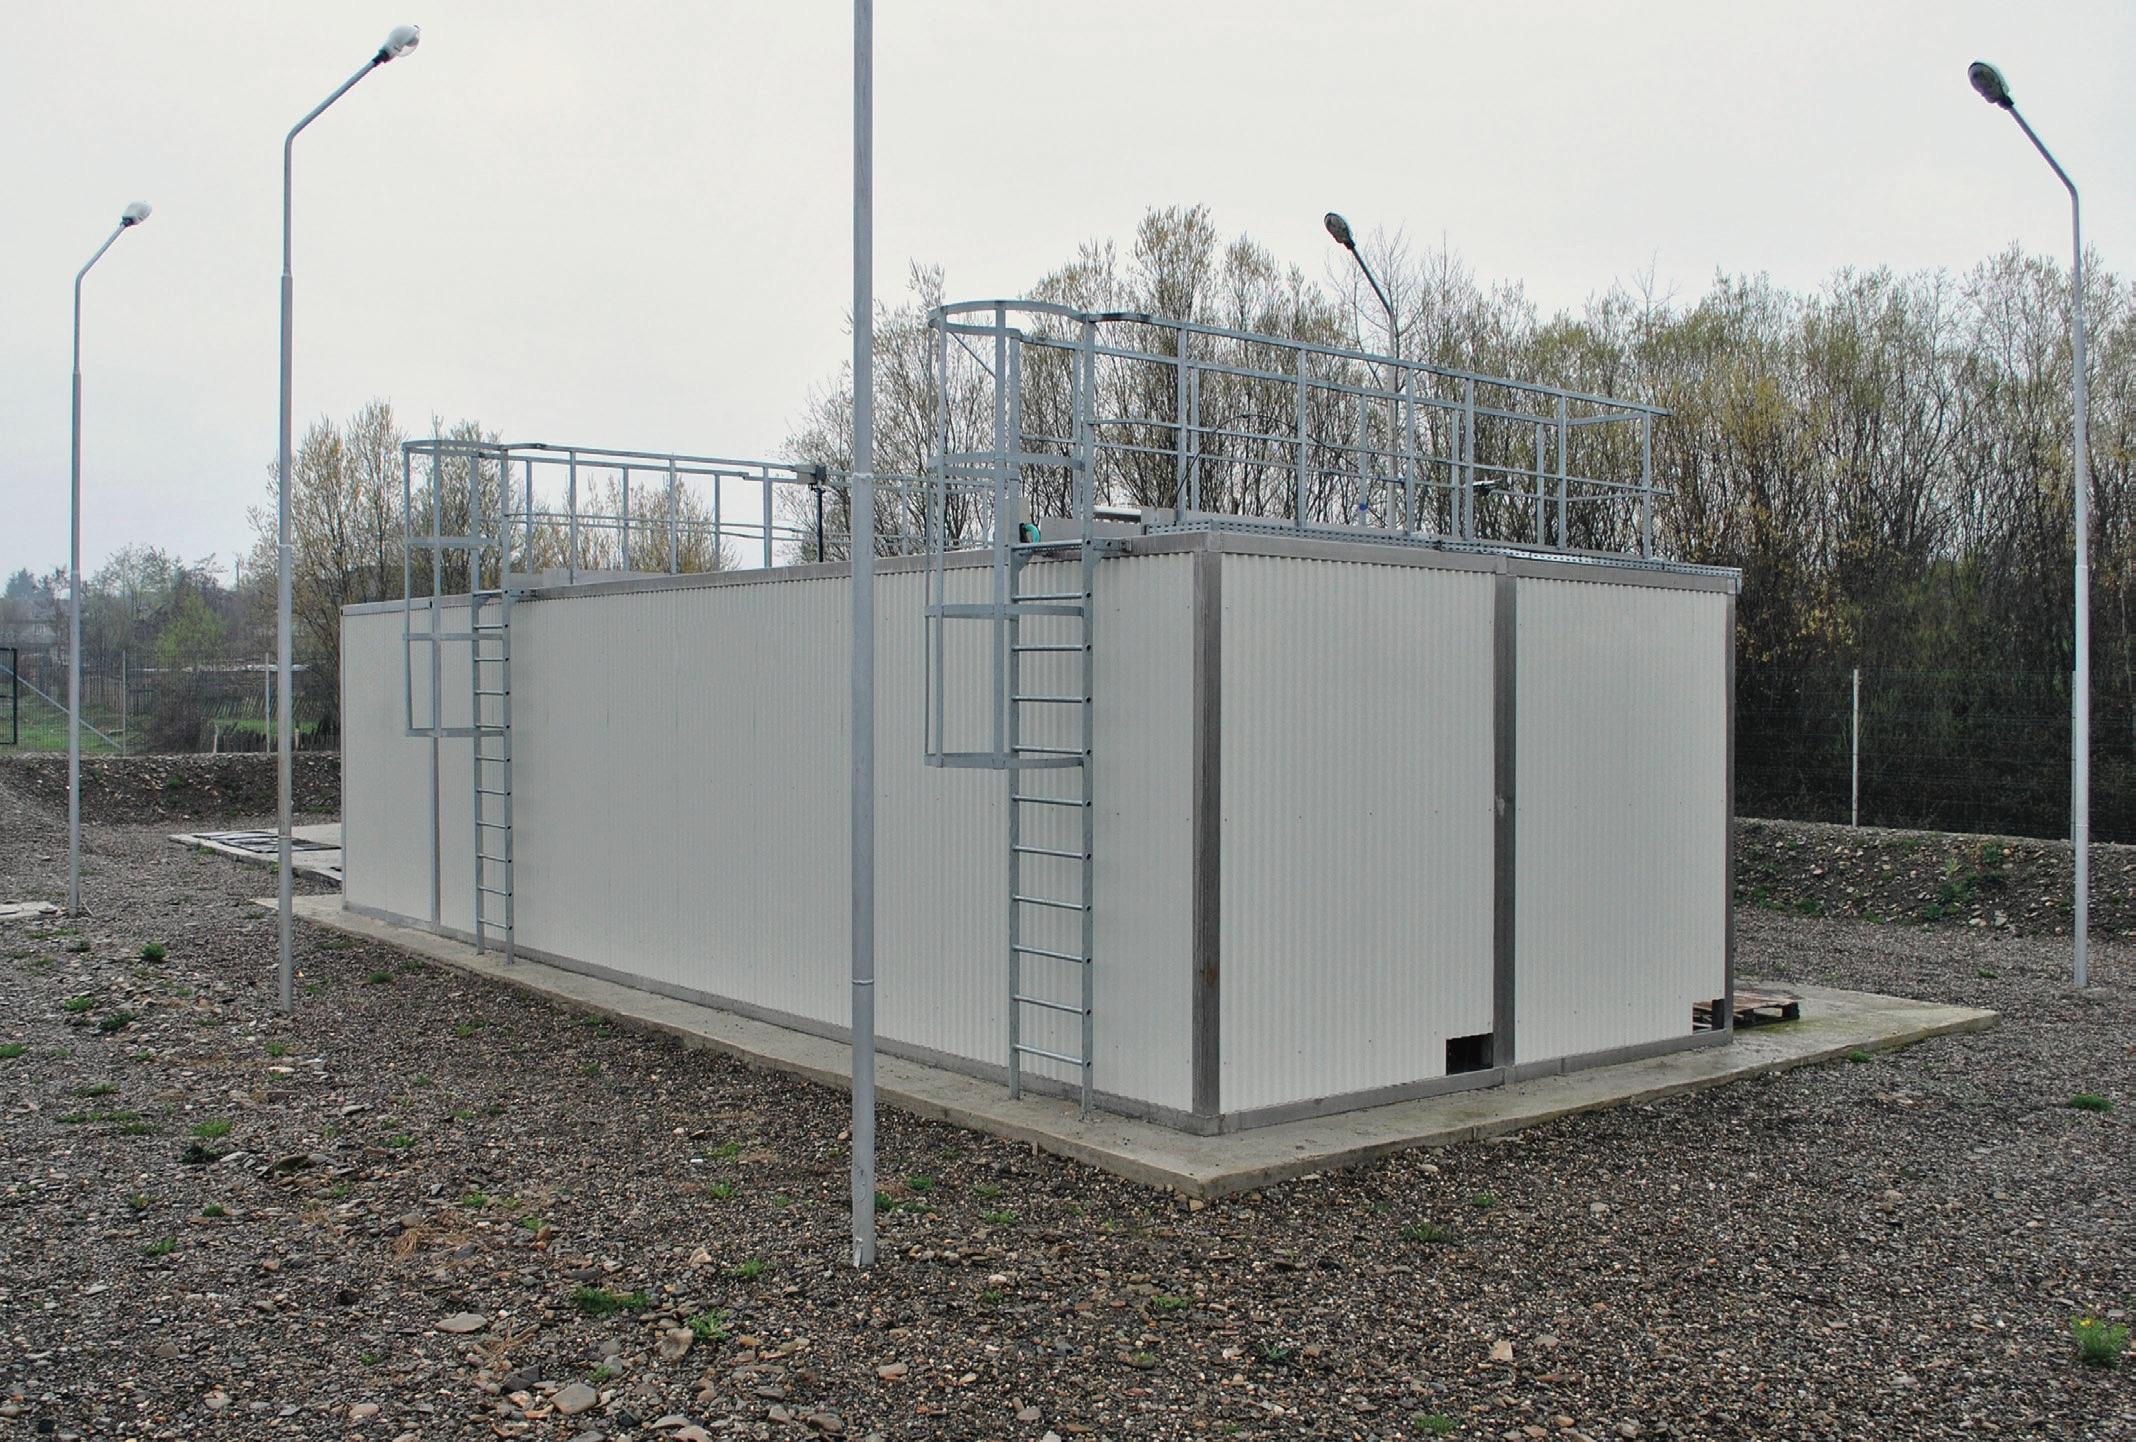 Stație compactă containerizată ADIPUR®